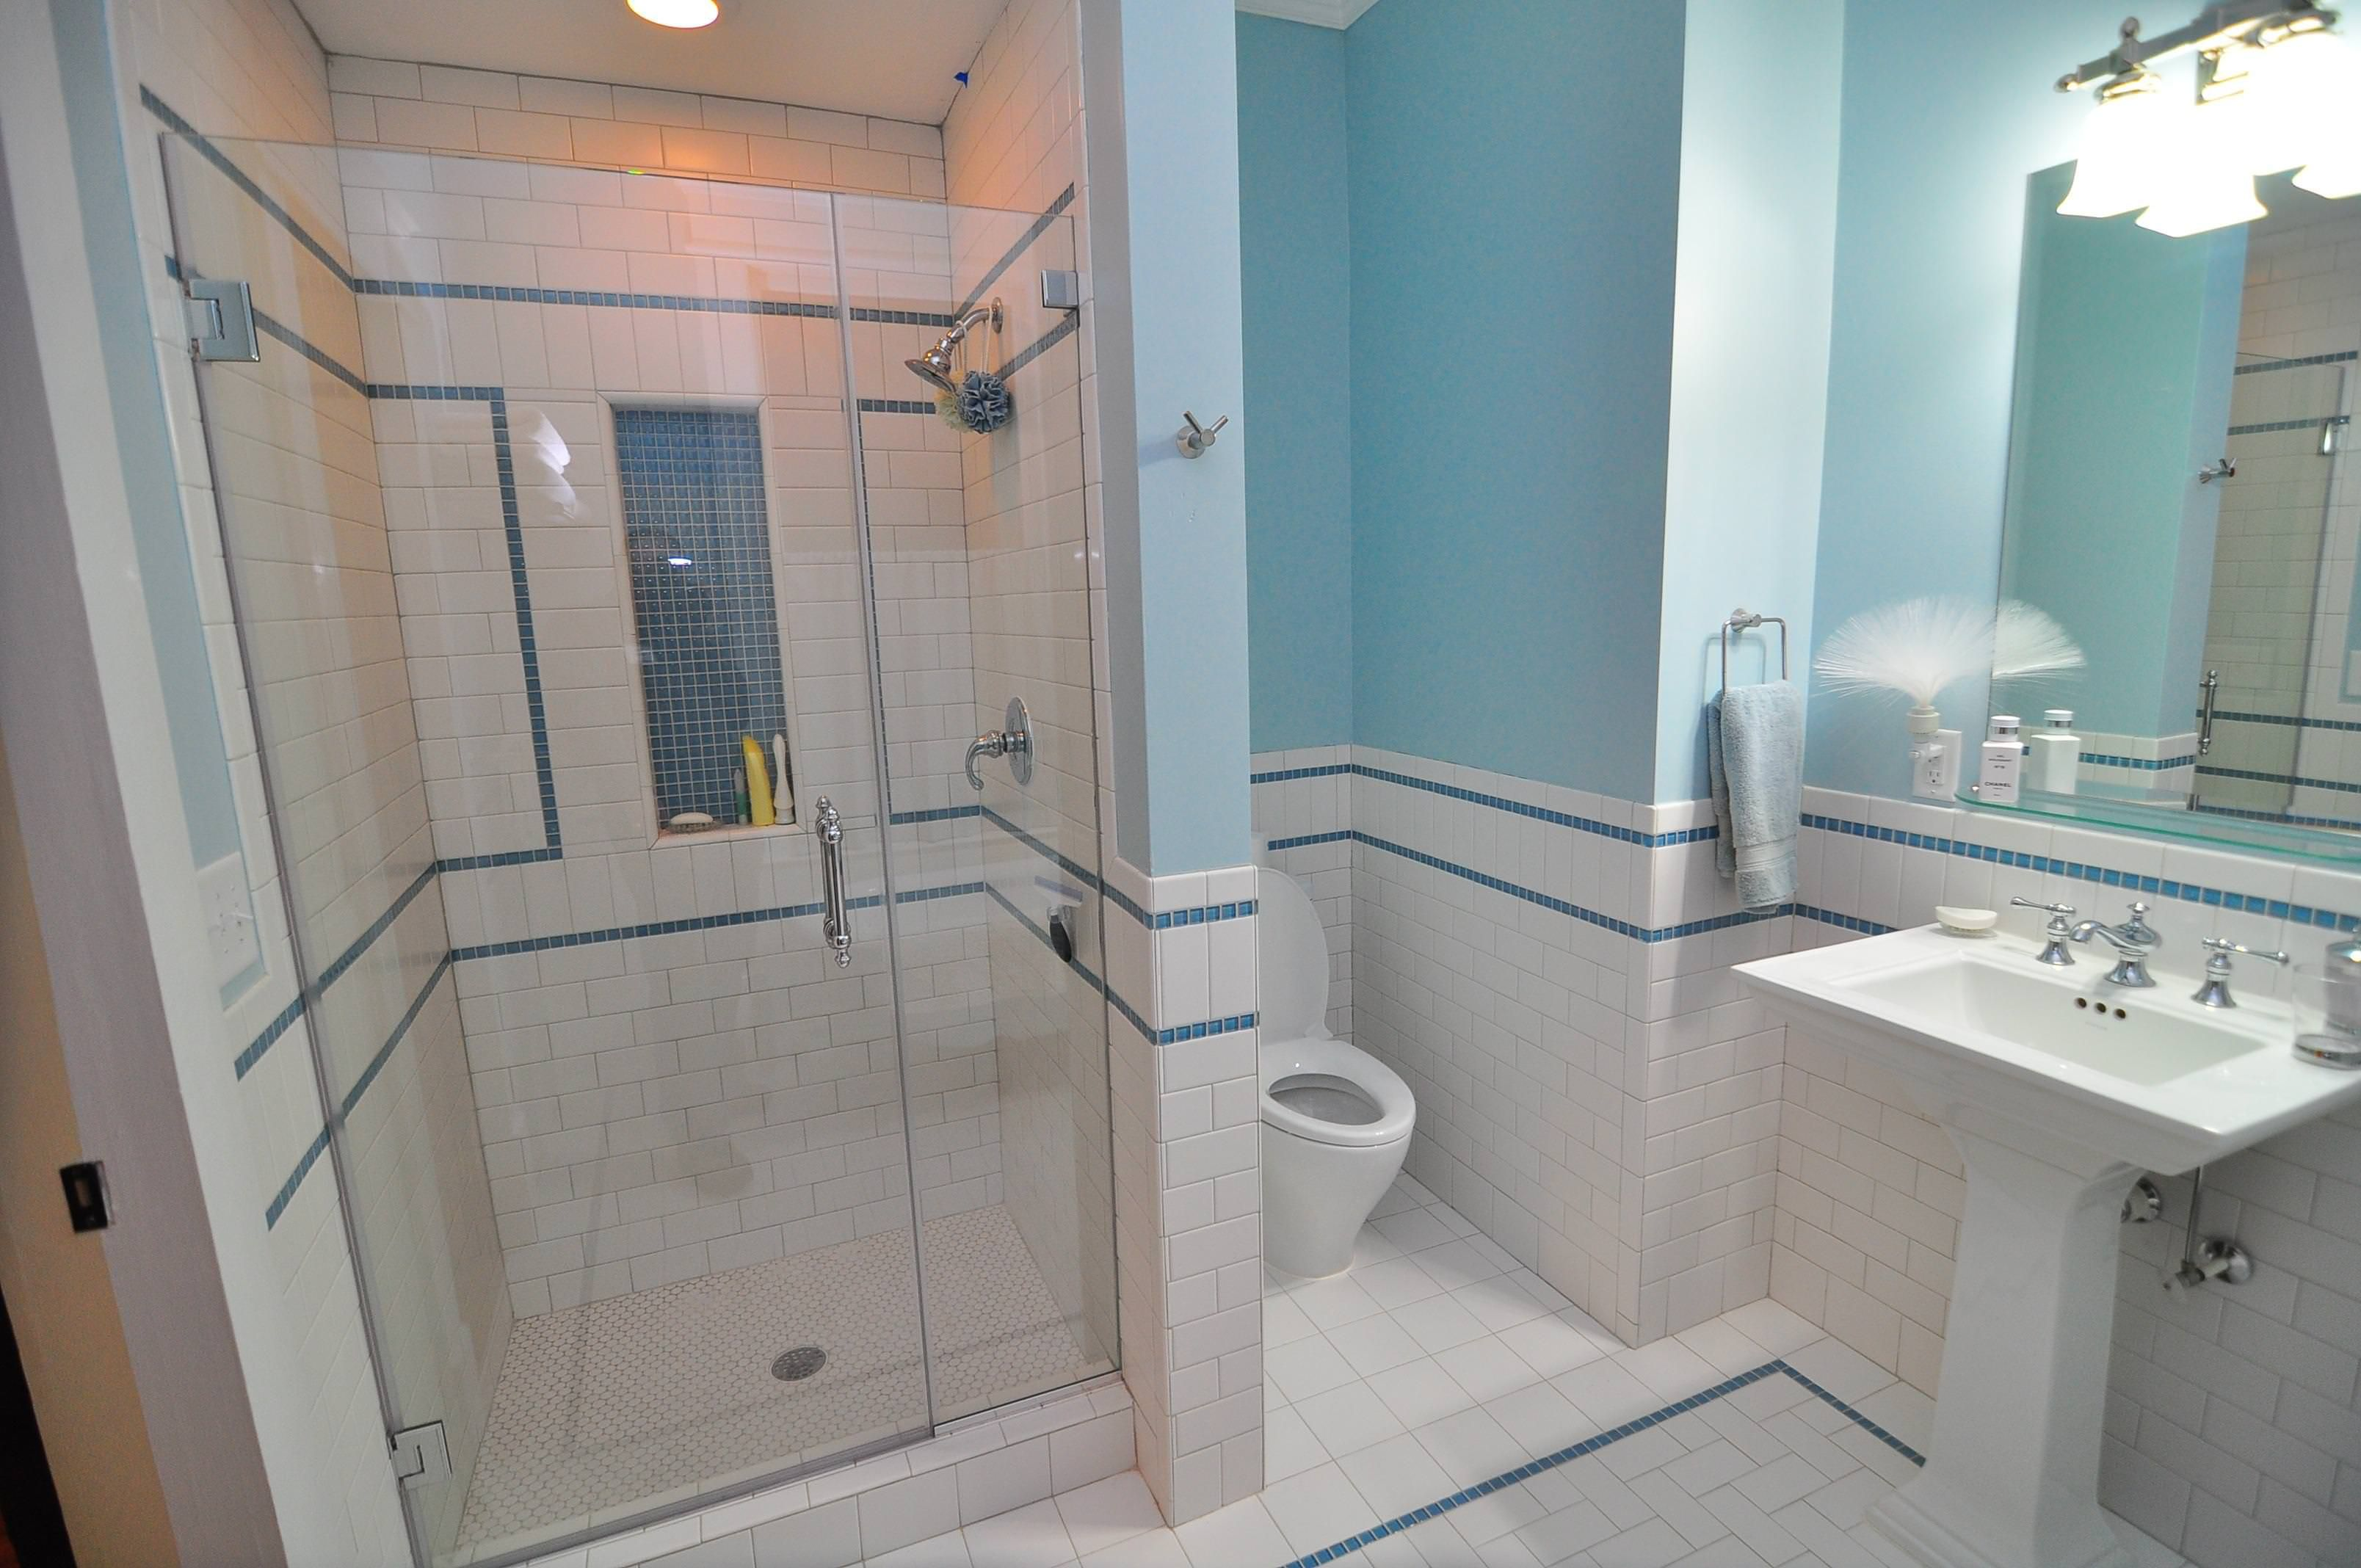 Image result for white tile blue border | Home Inspiration ...